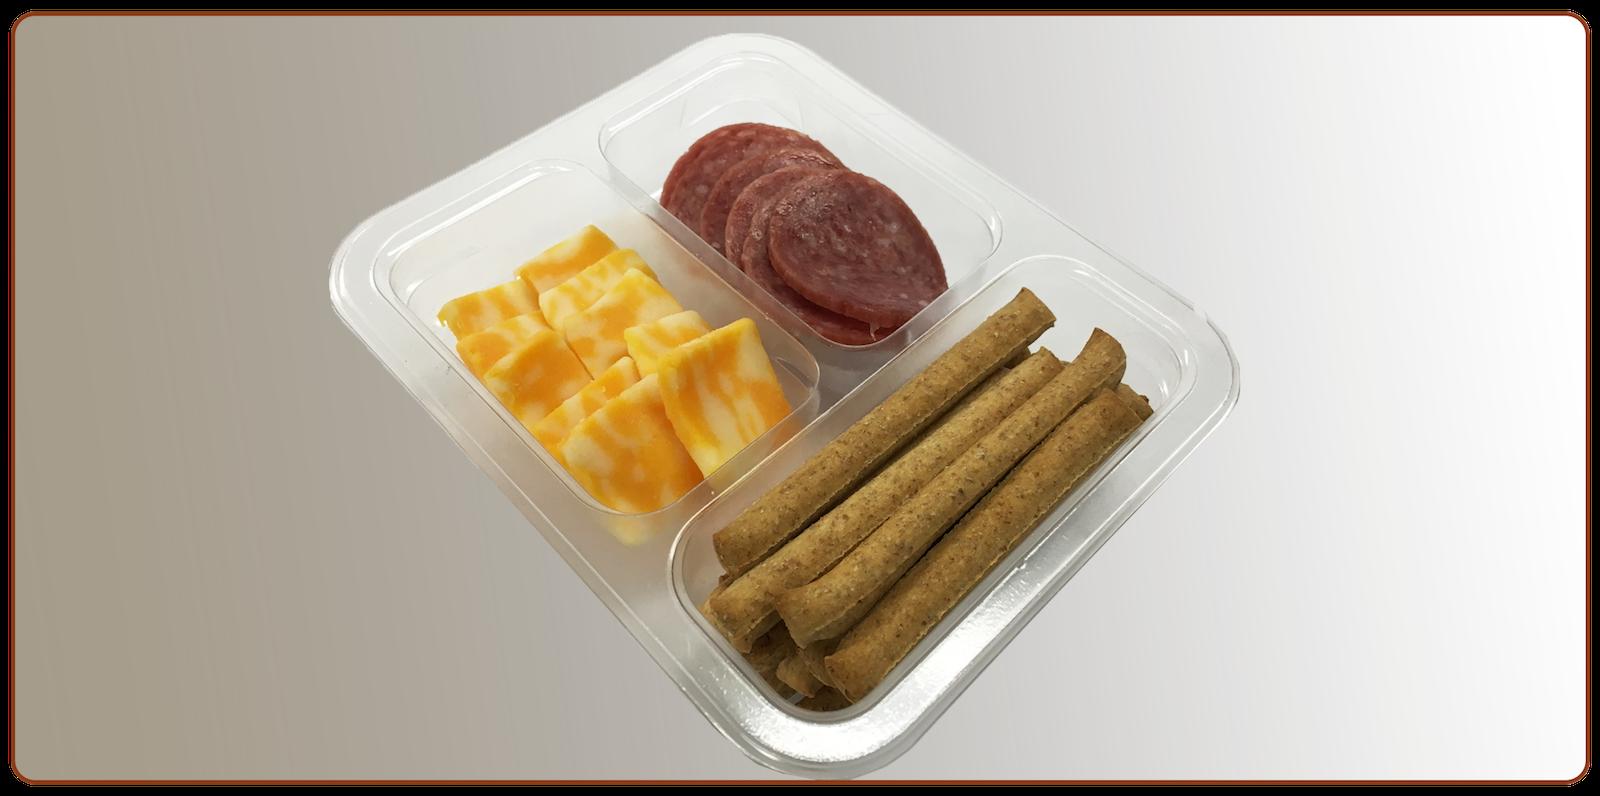 07-deli-snacks.png